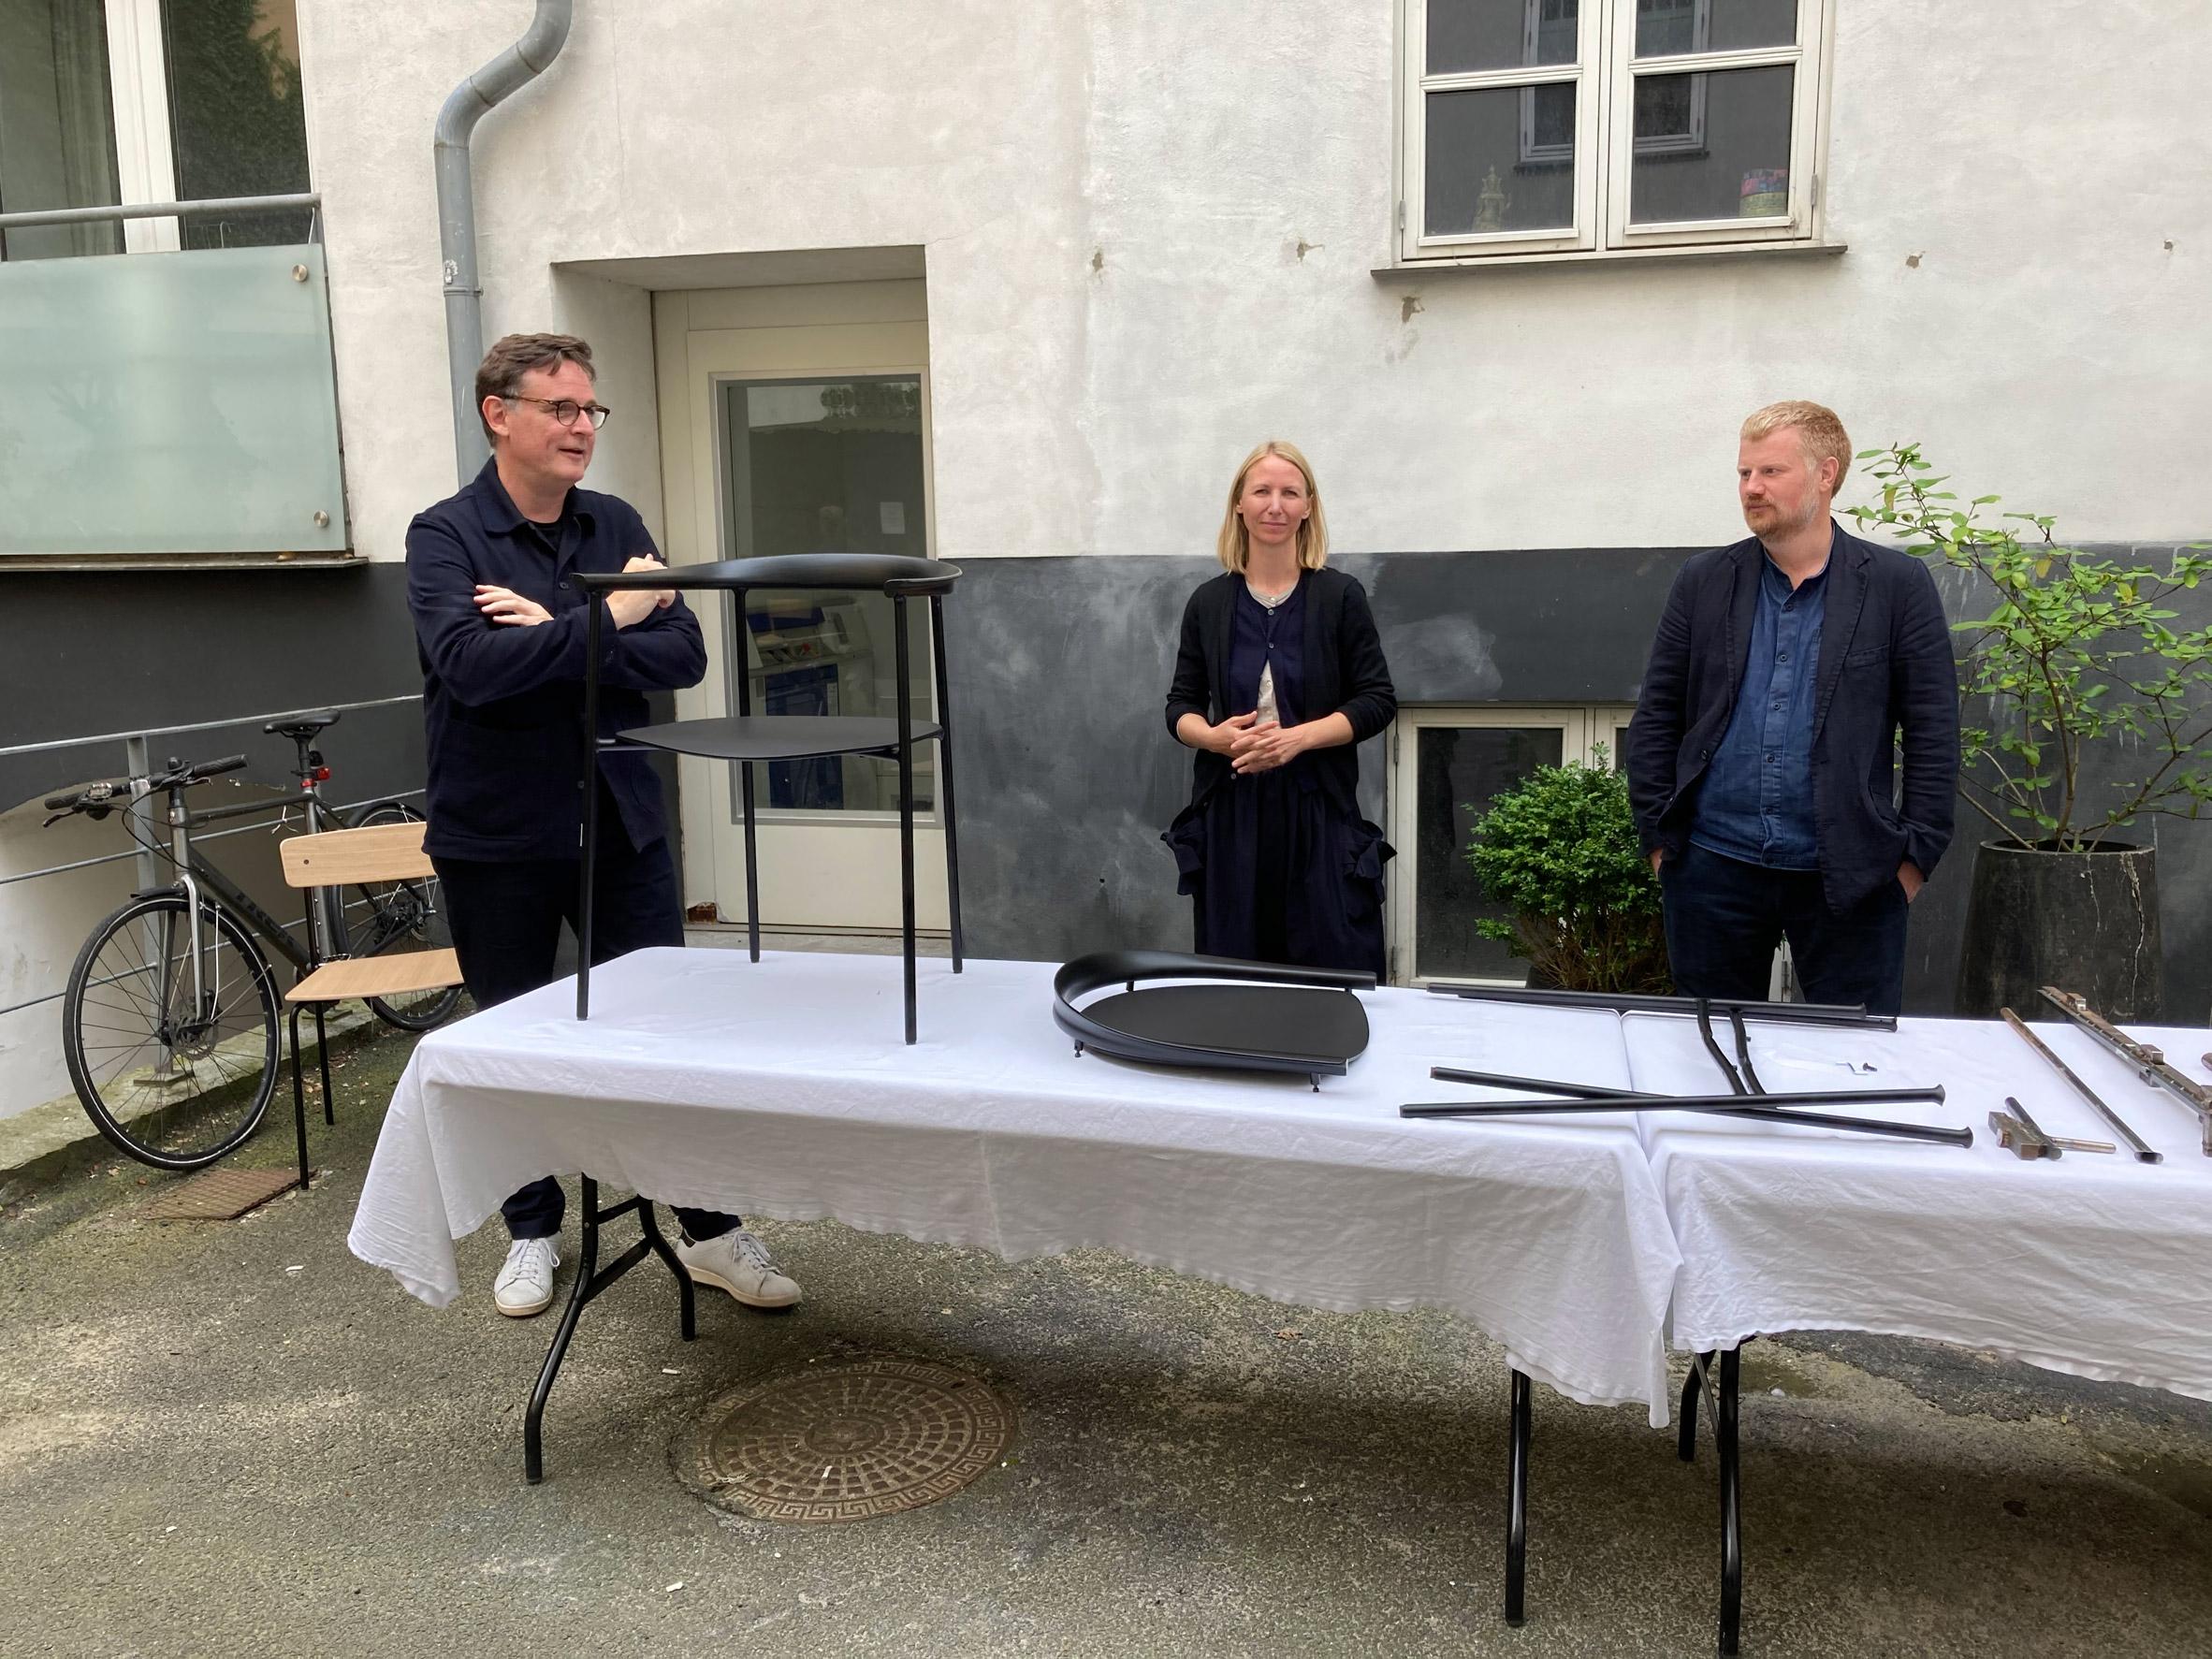 Takt outdoor demonstration in Copenhagen